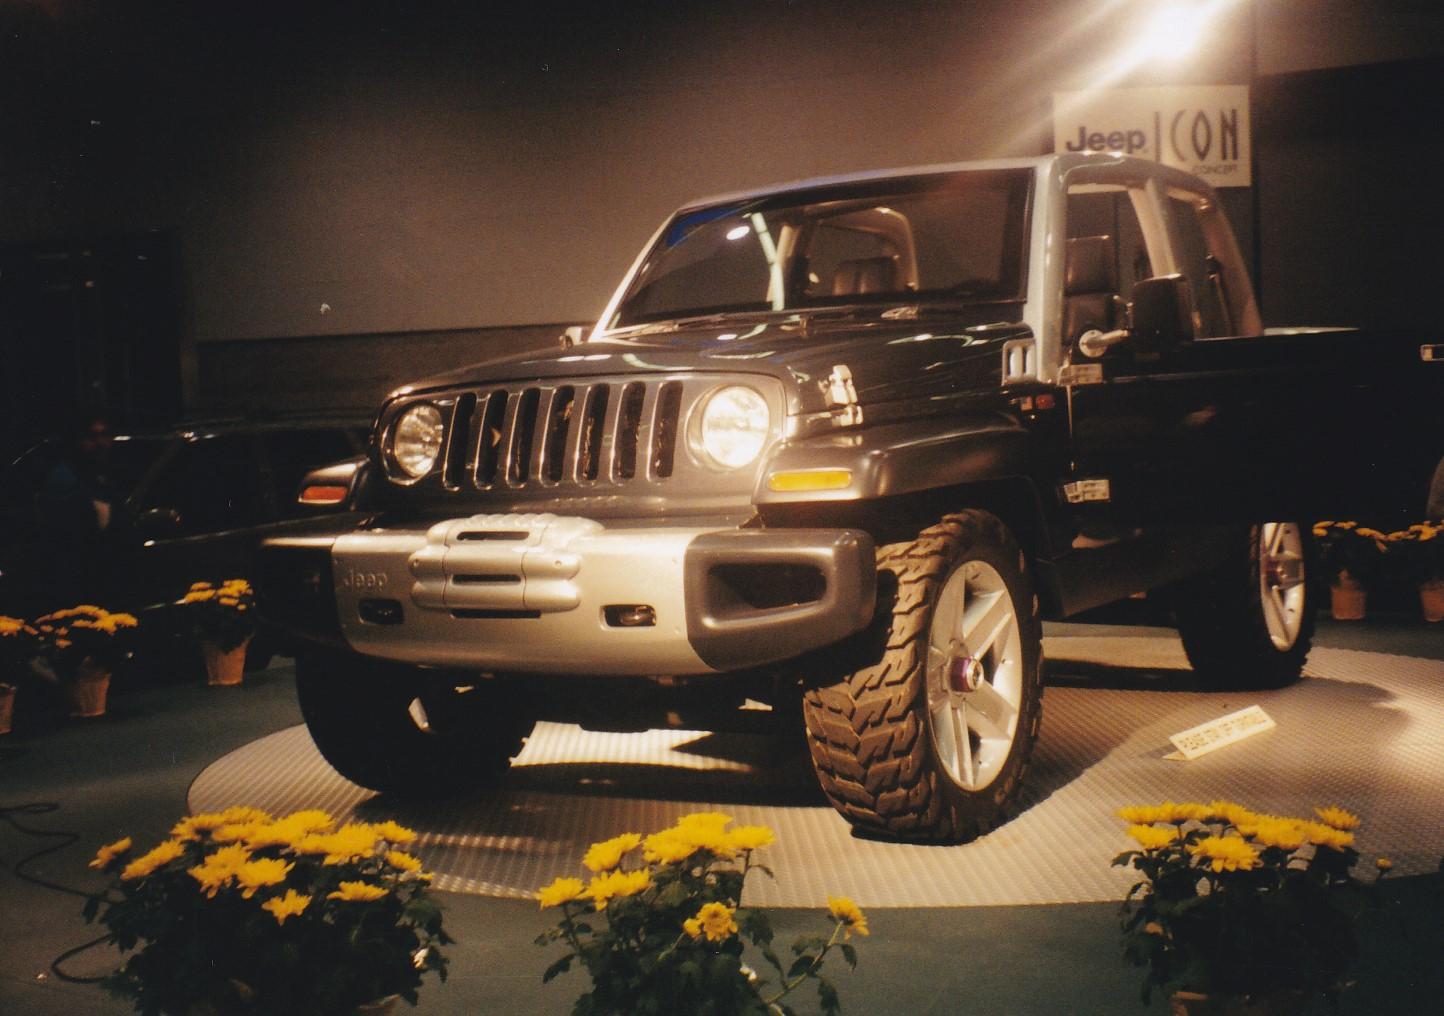 Autotour Jeep Icon